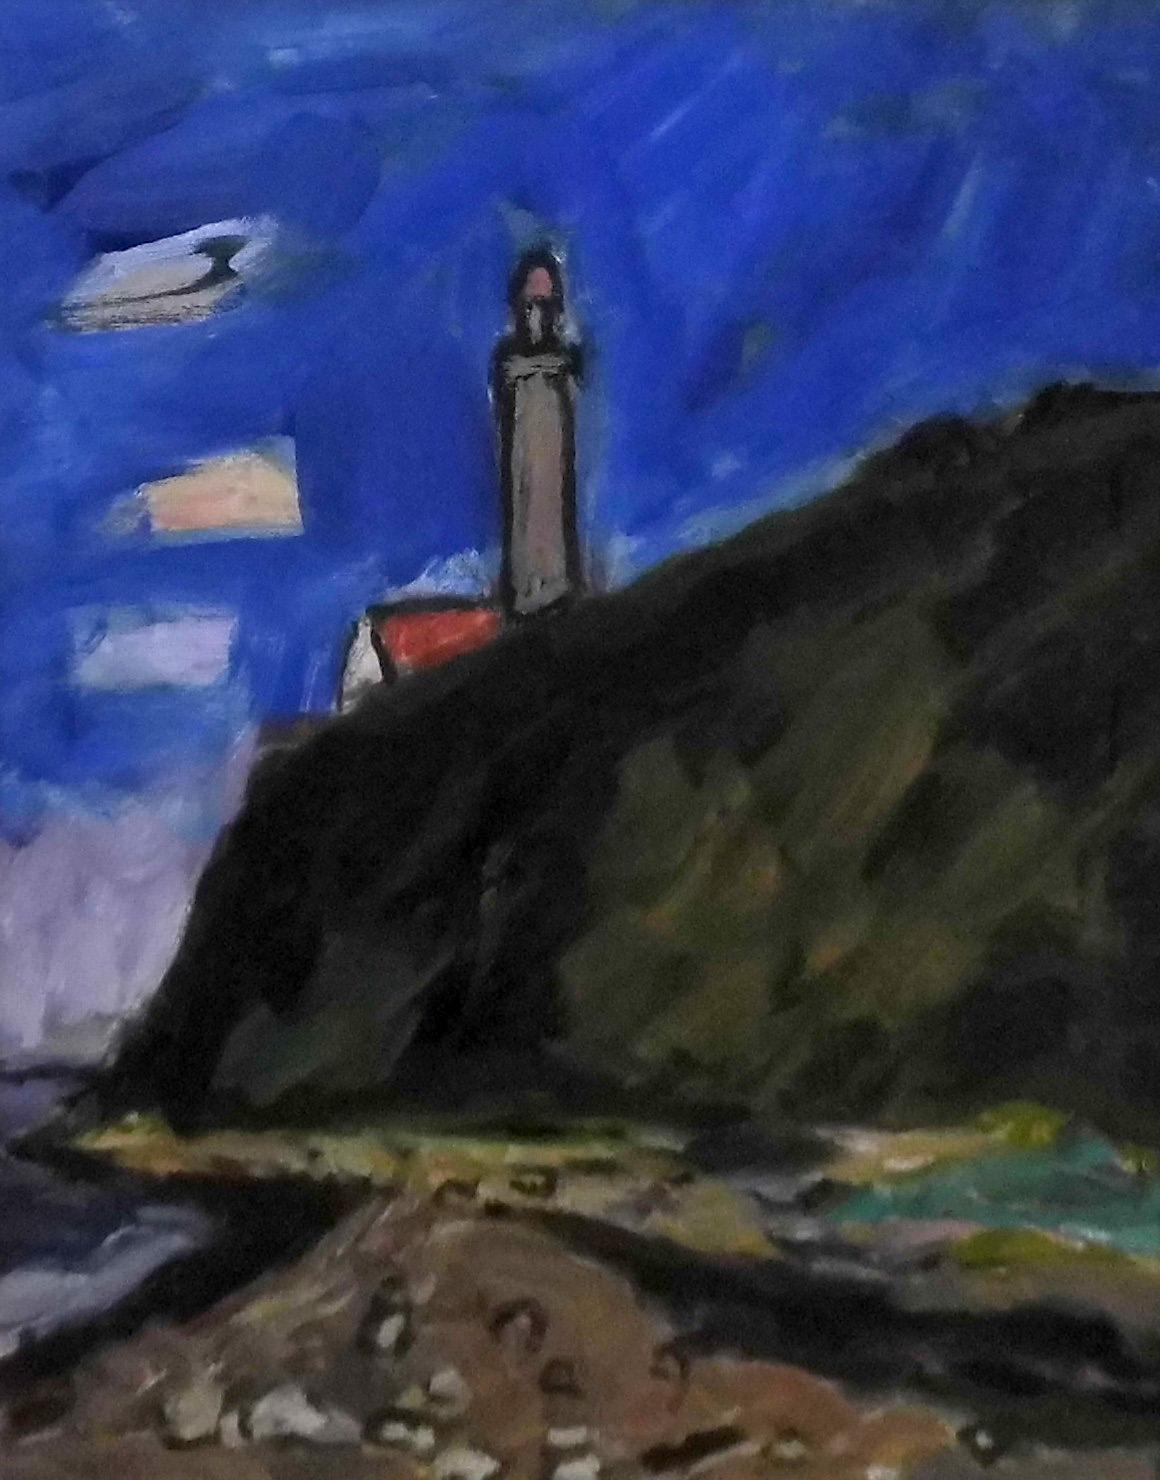 17-klaus_roenspiess-inselspitze_mit_leuchtturm-2014-oel_auf_leinwand-50x40